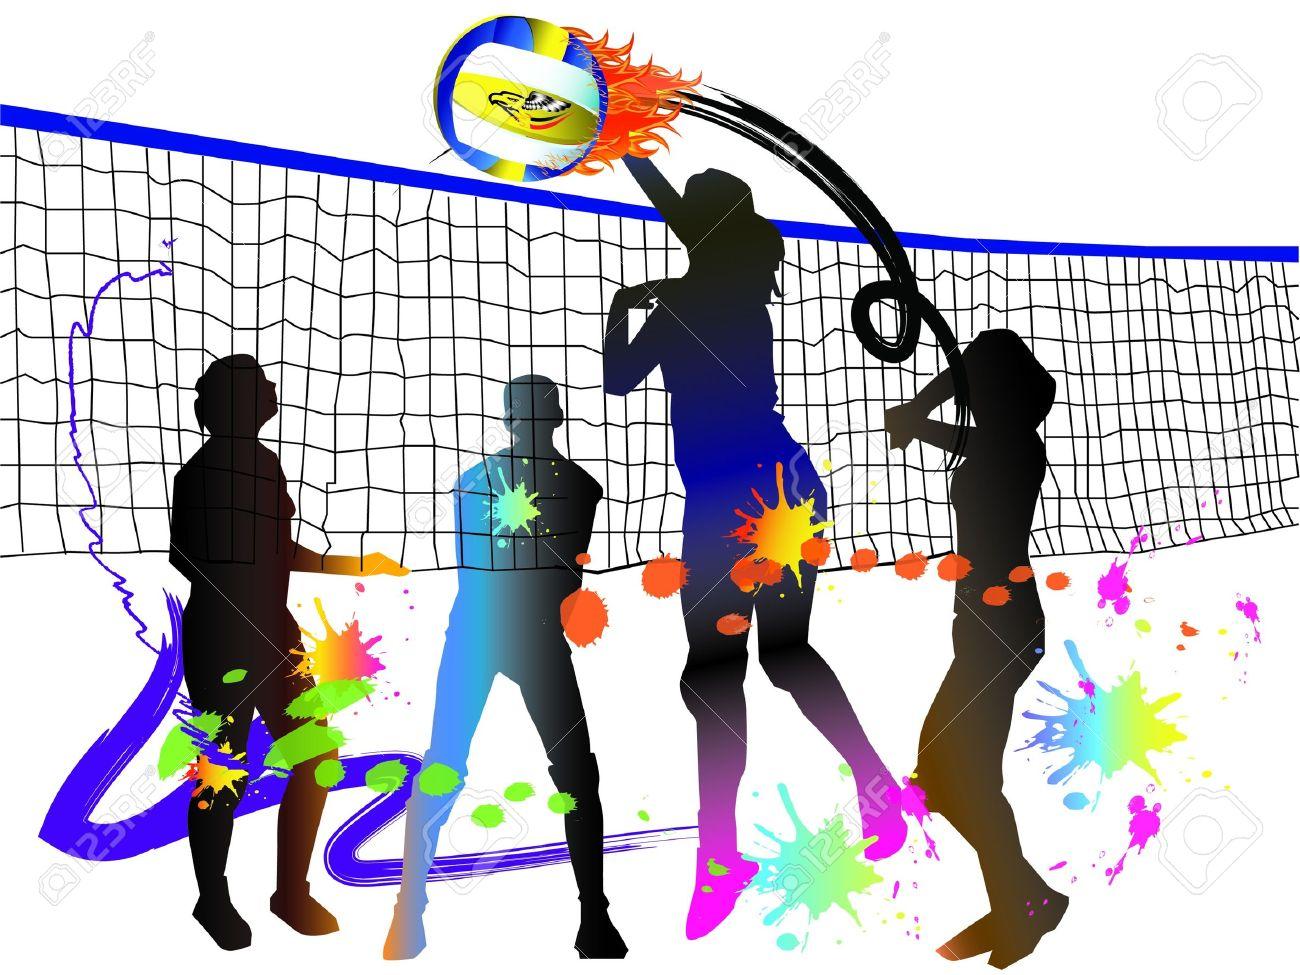 николаевна картинки с победой в соревнованиях по волейболу остановки